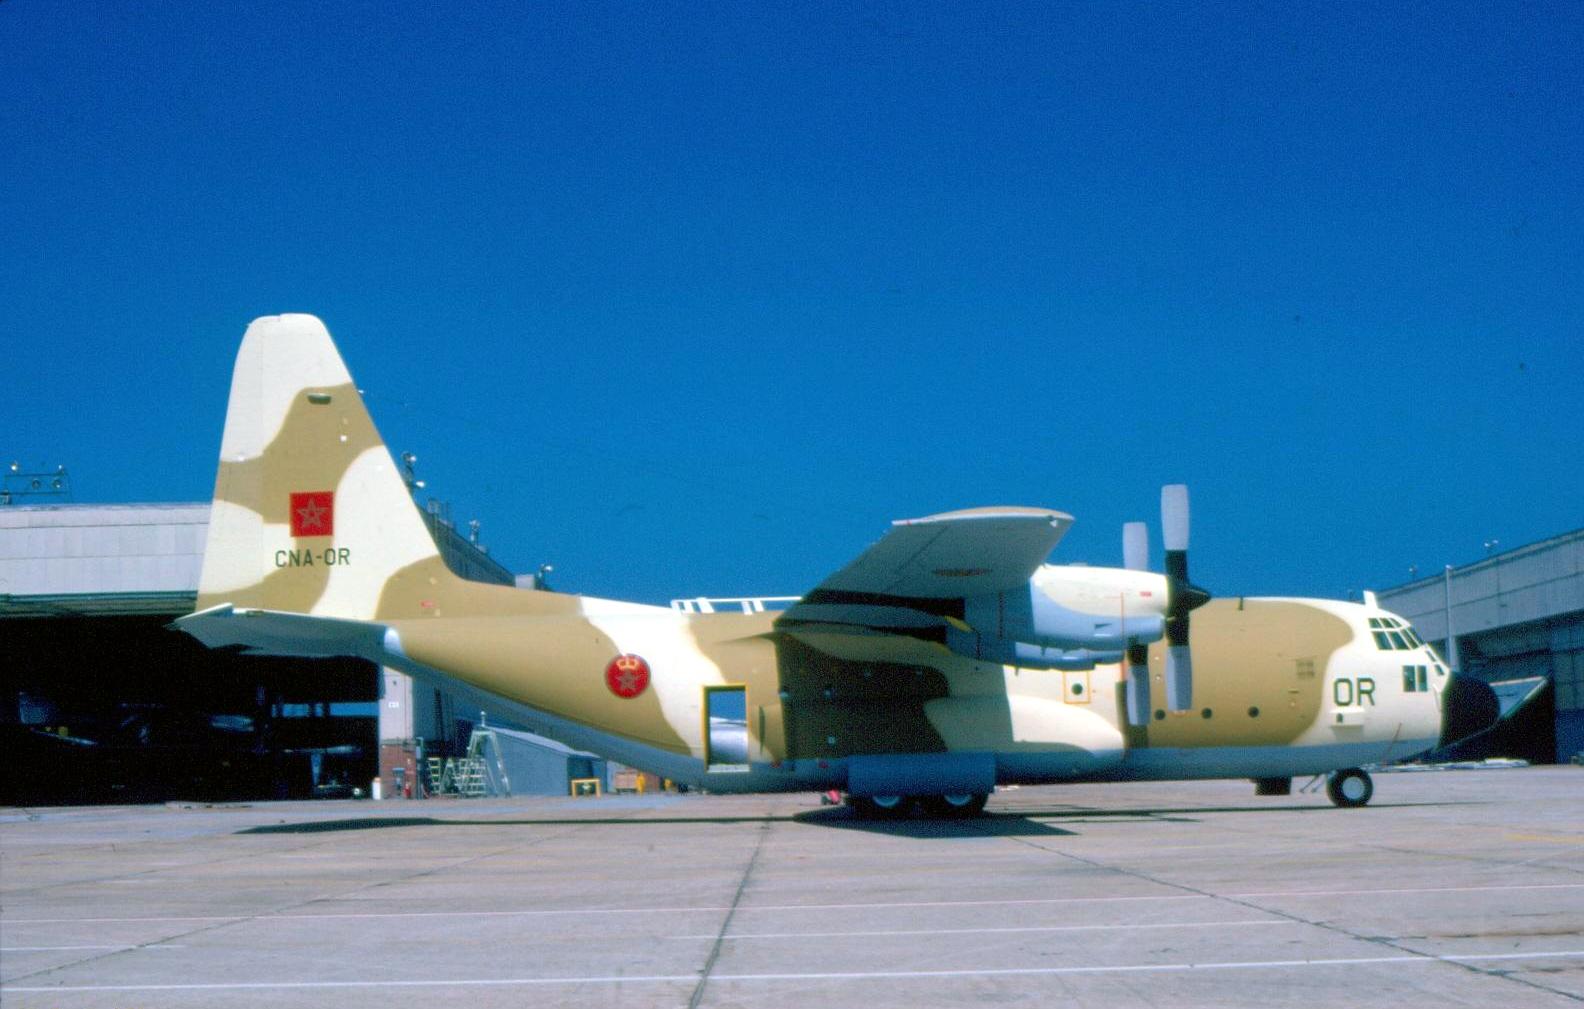 FRA: Photos d'avions de transport - Page 25 160131024428836282